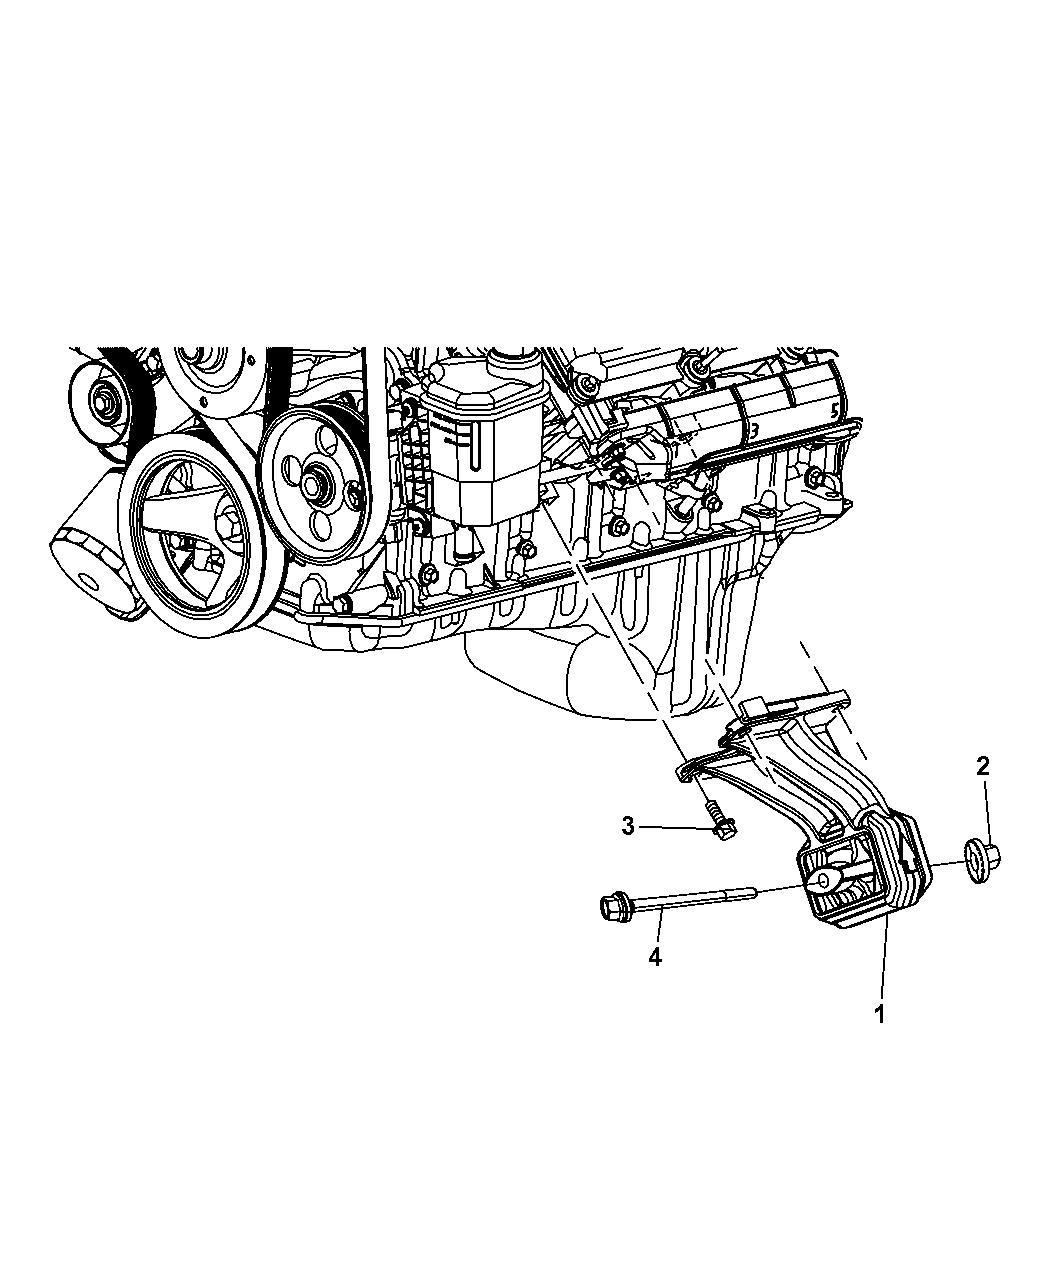 2008 Dodge Nitro Engine Mounting - Thumbnail 1